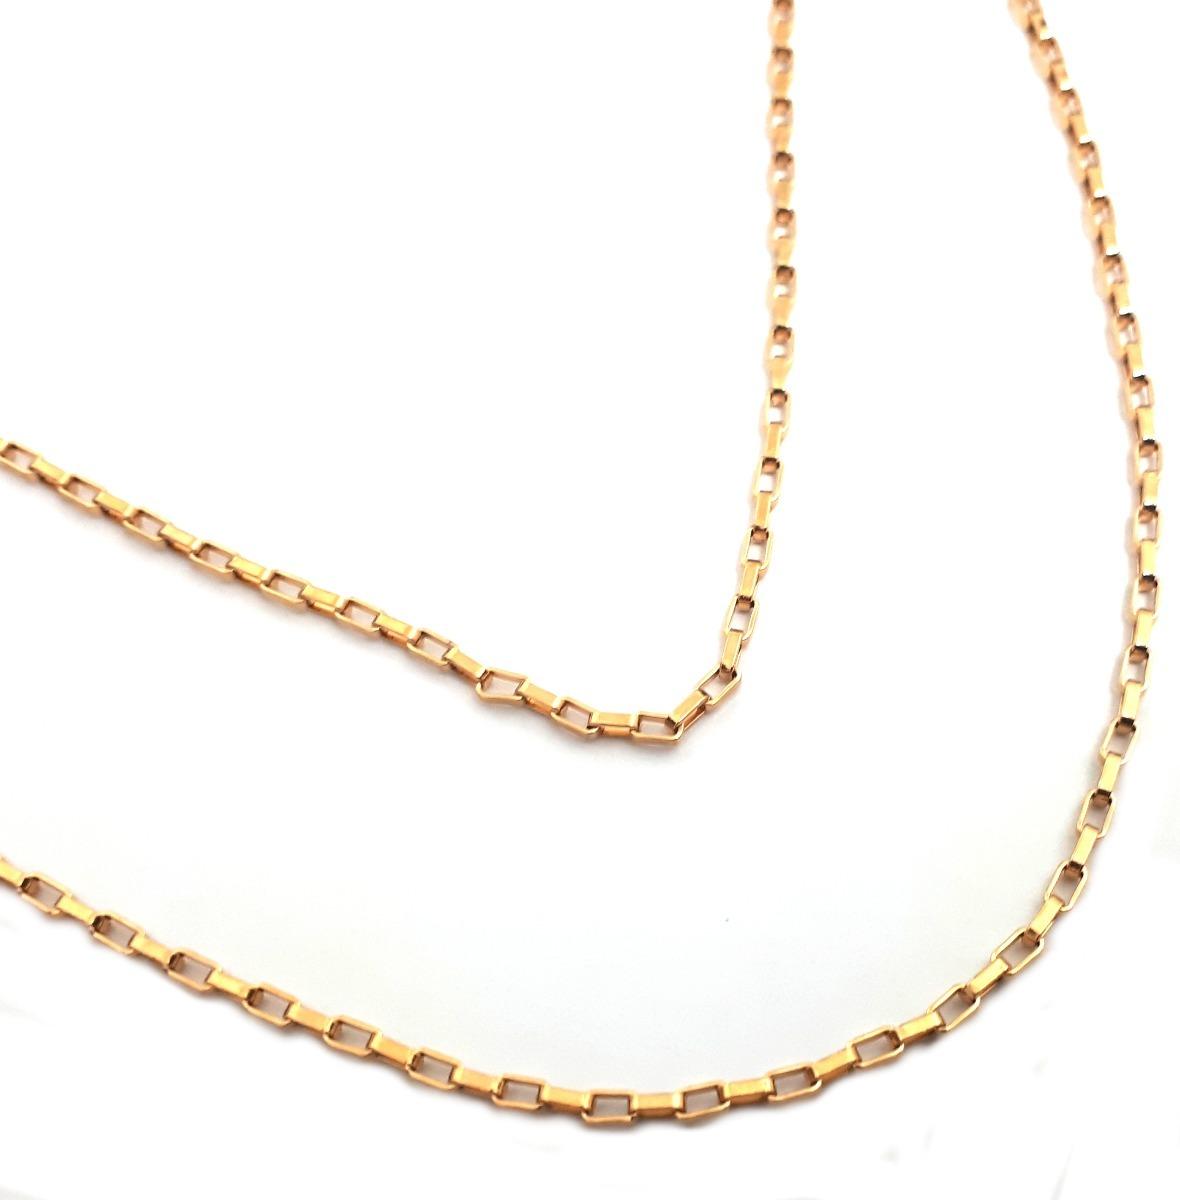 904917b66a7 colar corrente feminina elos cartier 50cm aço banhado ouro. Carregando zoom.